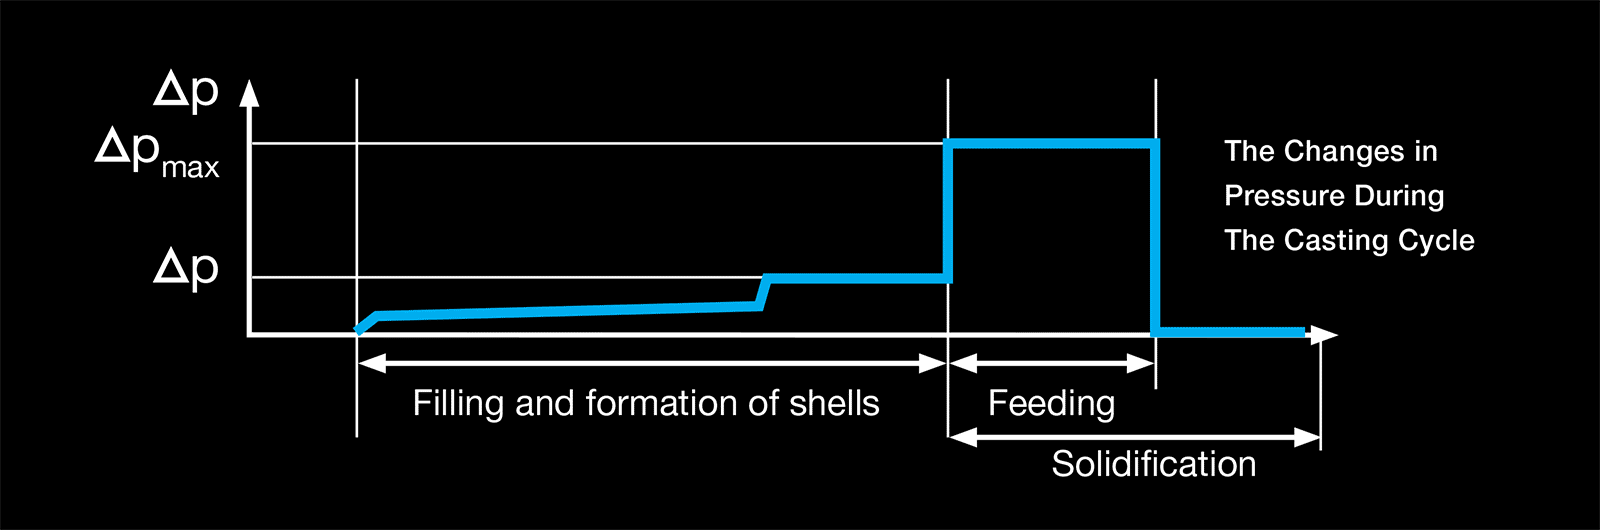 Pressure Change graph